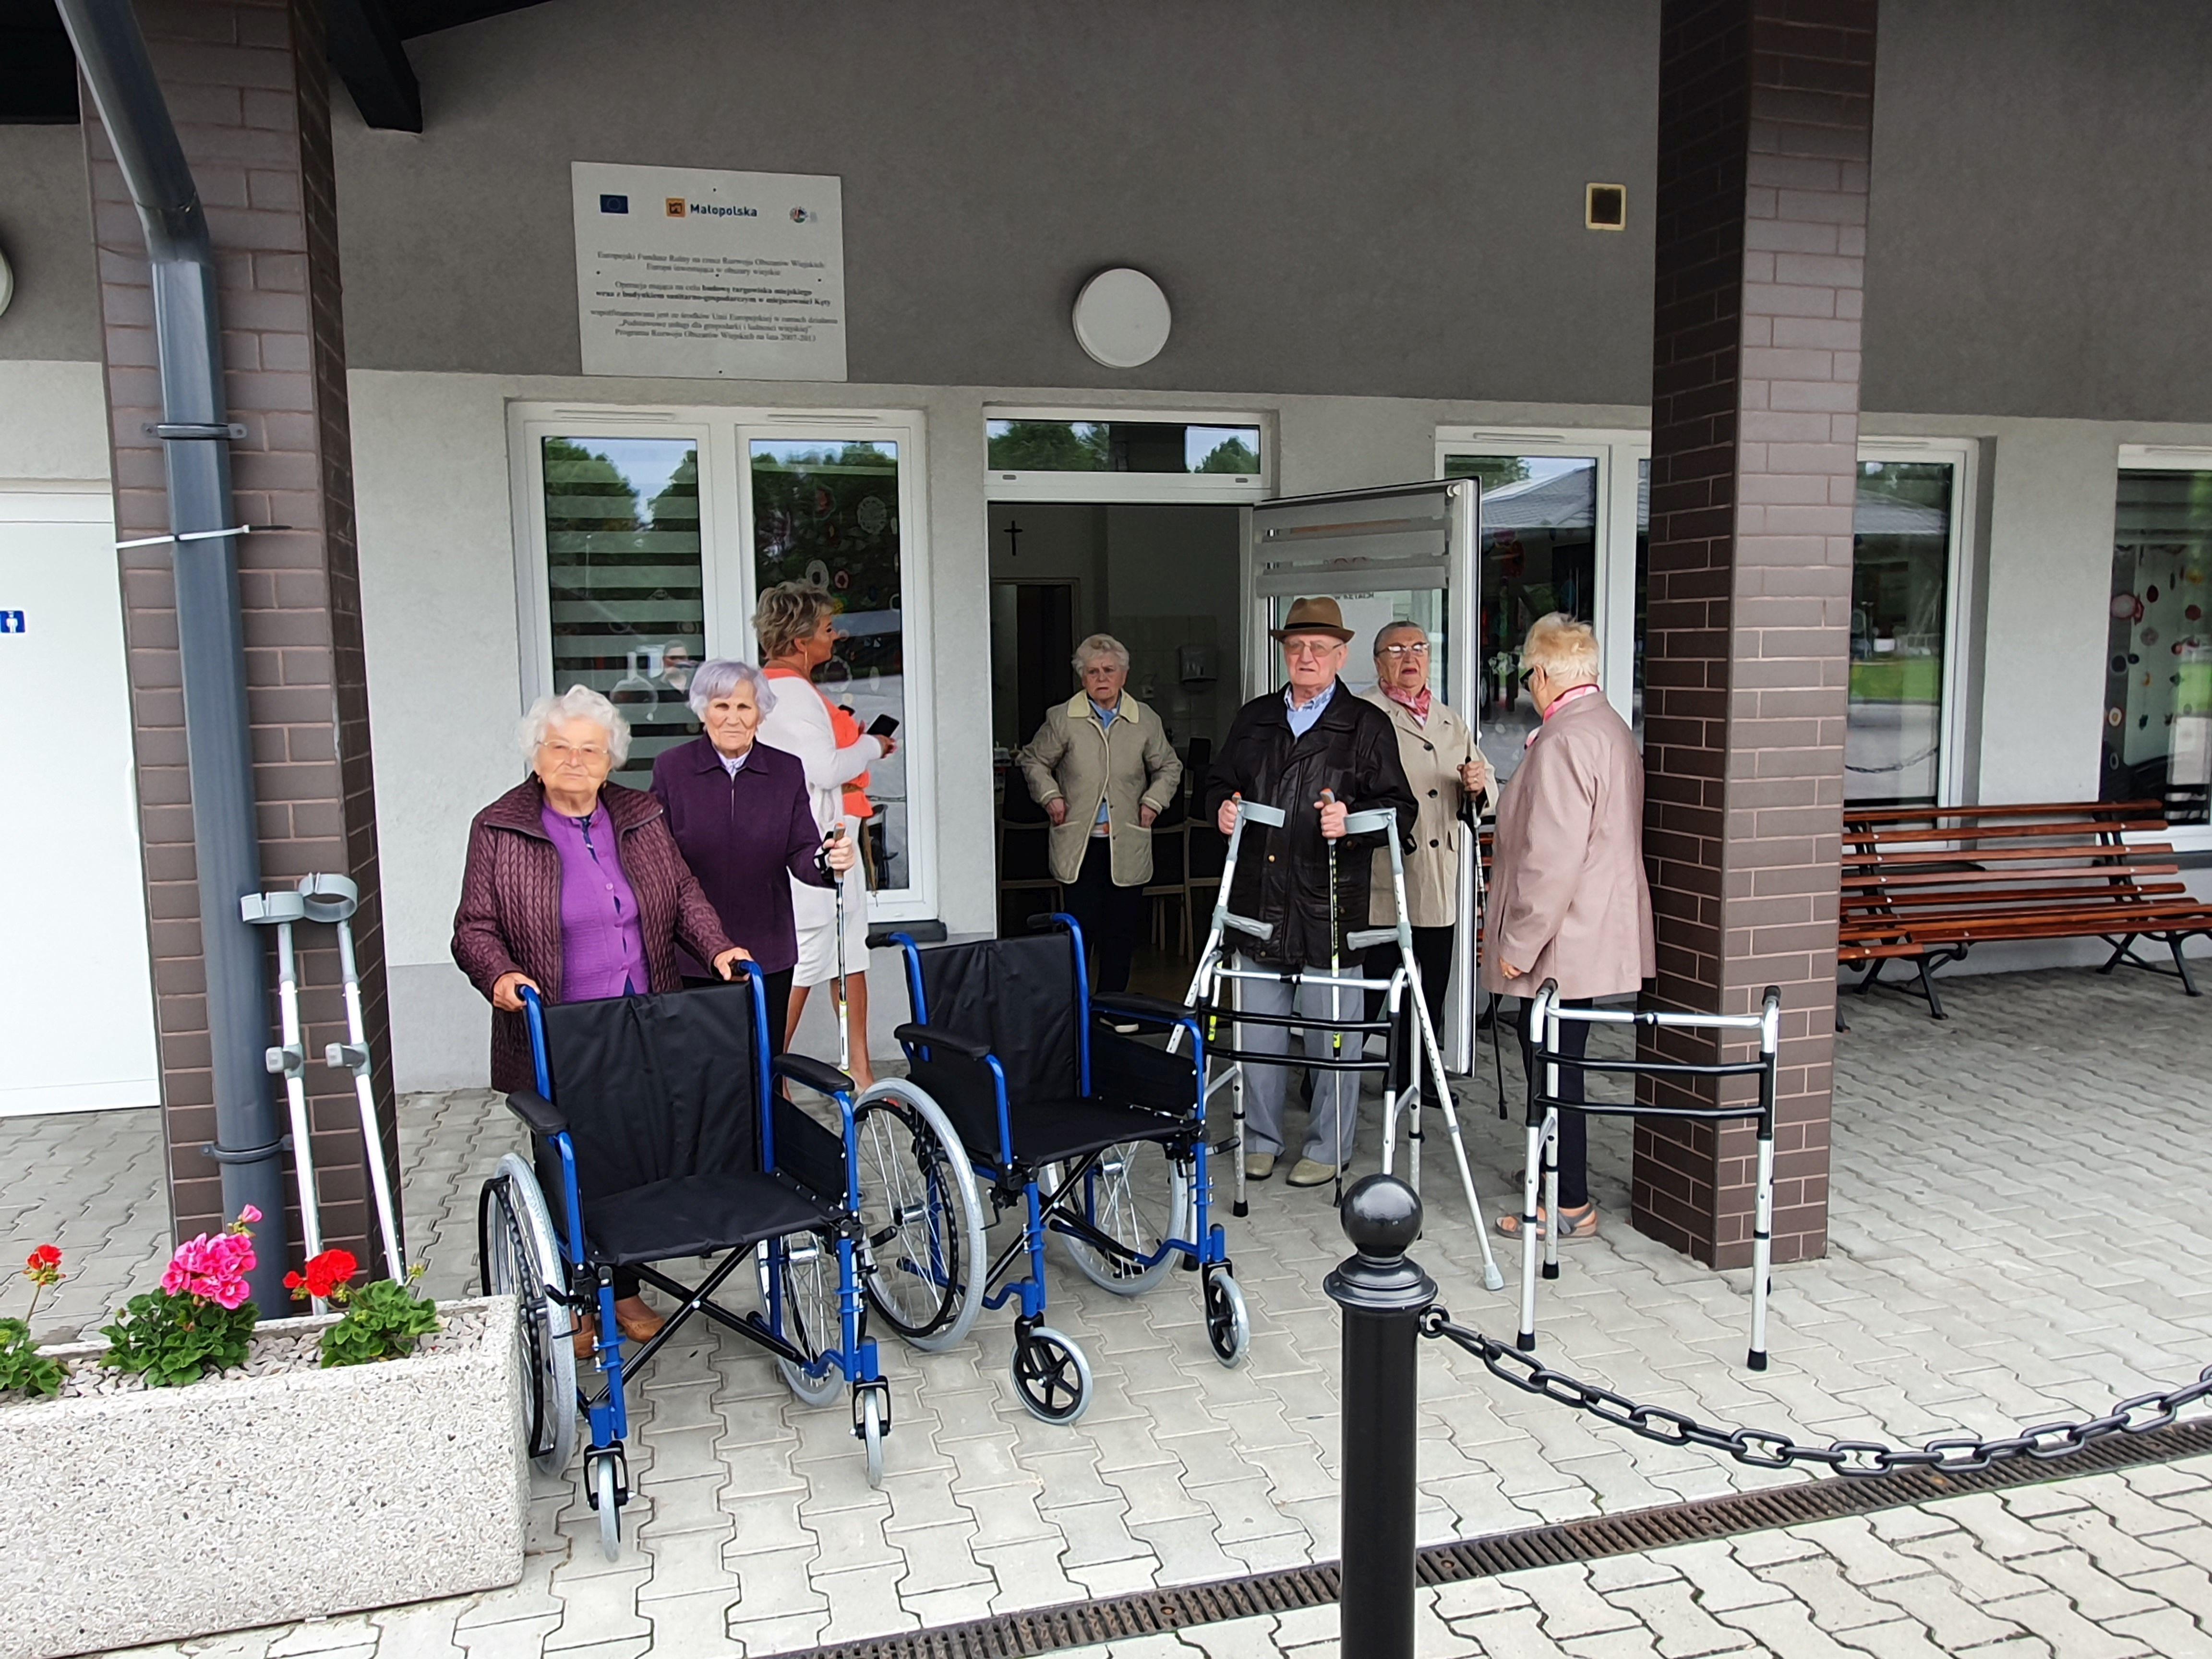 Uruchomiono bezpłatną wypożyczalnię rowerków i sprzętu rehabilitacyjnego